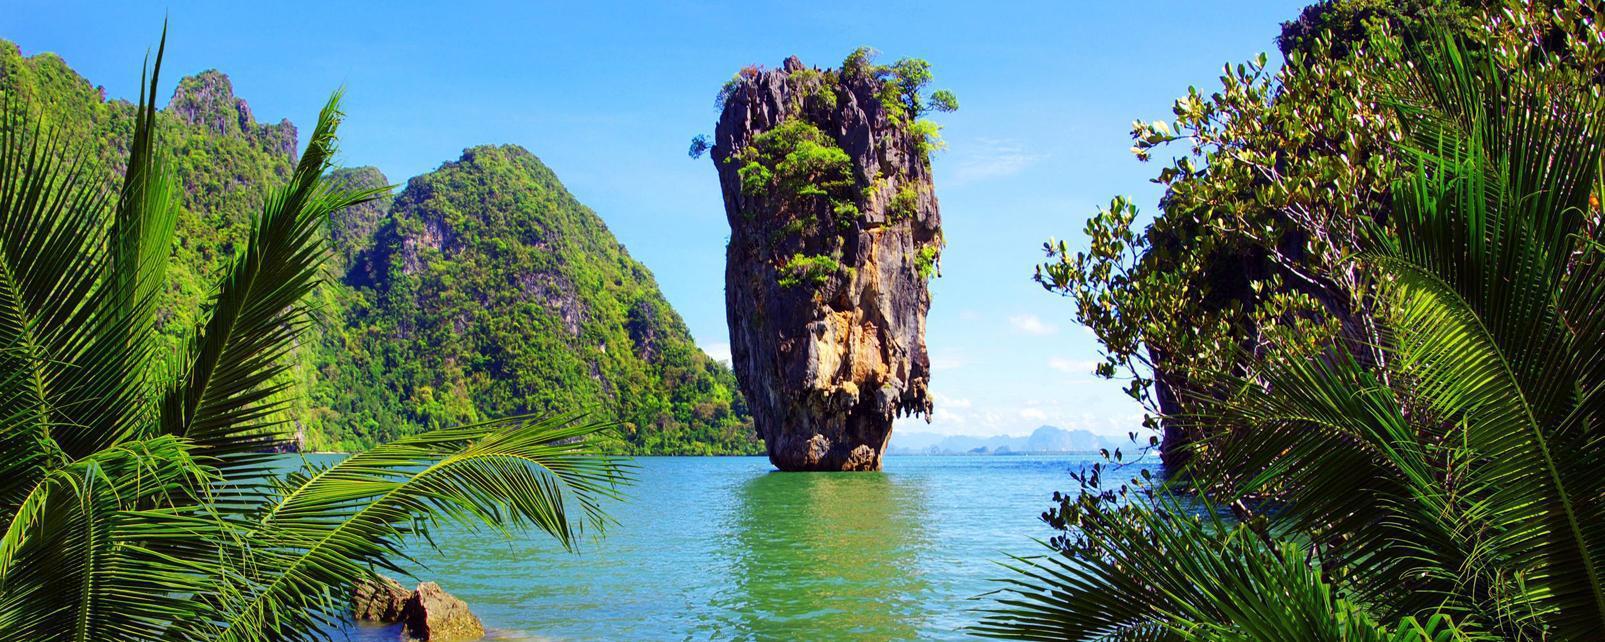 Découvrir thailande sur mesure : les conseils